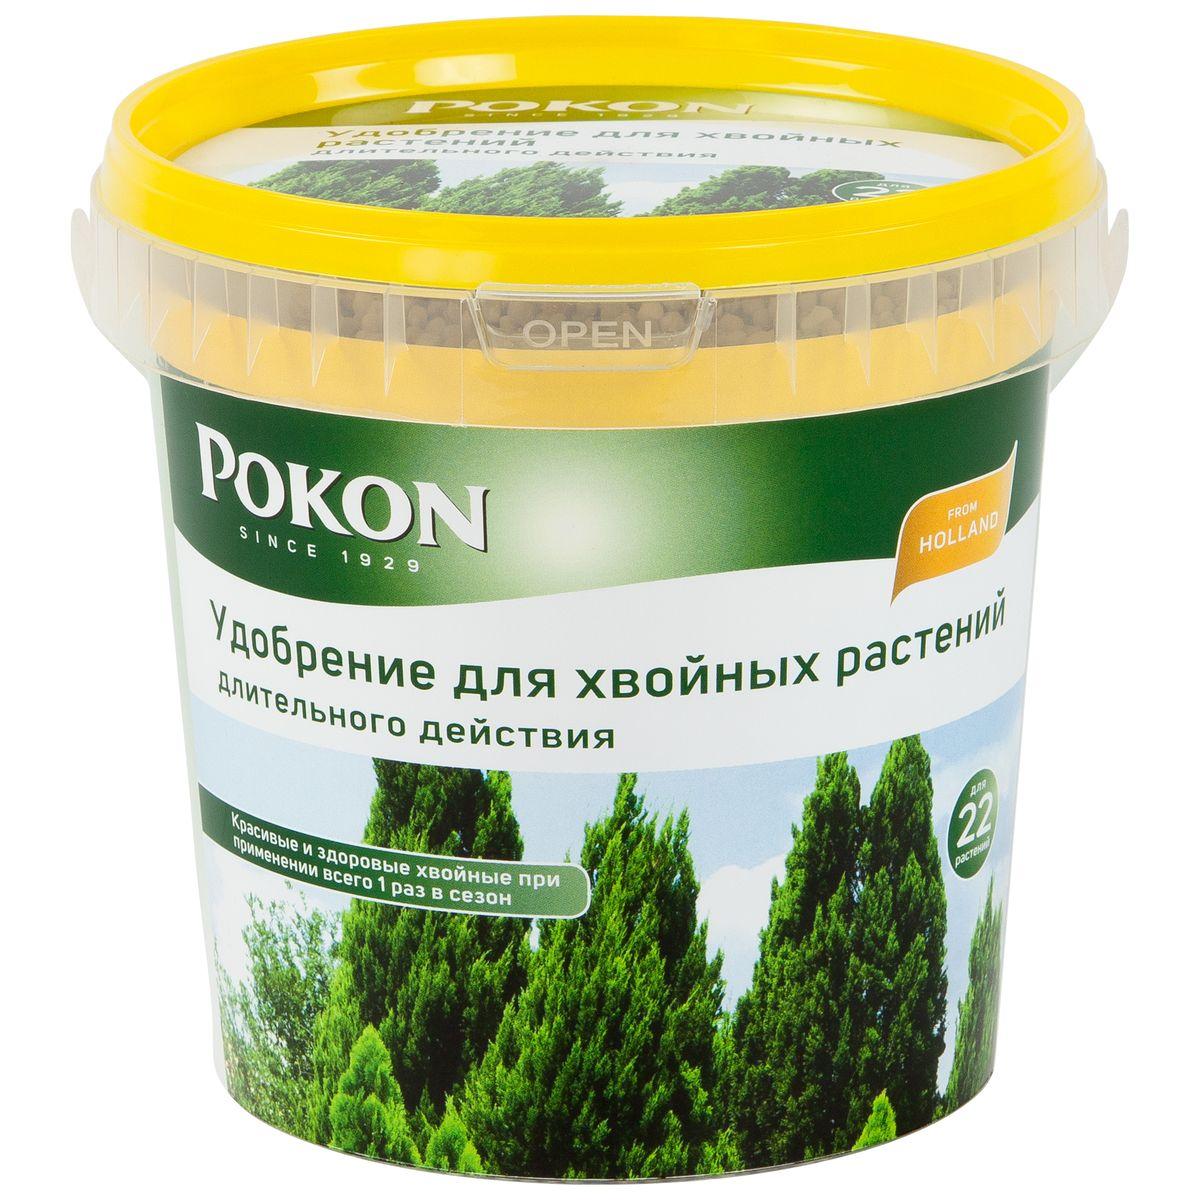 Удобрение Pokon для хвойных длительного действия, 900 г8711969016095Удобрение Pokon для хвойников длительного действия:NPK 18 + 6 + 21 с добавкой 2 MgO + 12 SO3 + 1 Fe.В удобрении Pokon длительного действия содержится все необходимое для хвойных на целое лето. Достаточно внести это удобрение один раз, и затем питательные вещества будут постепенно высвобождаться и проникать в растения в течение сезона под воздействием дождей и солнца. Магниевая добавка придает хвое насыщенную зеленую окраску.Инструкция по применению:- Вносите удобрение 1 раз в год, желательно весной или при посадке растений.- Отмерьте нужное количество гранул (1 мерная ложечка на 1 растение или 1,5 мерной ложечки на 1 кв. м).- Равномерно насыпьте гранулы вокруг ствола.- Смешайте гранулы с верхним слоем грунта.- Полейте грунт, и удобрение немедленно начнет действовать.- Не используйте при температуре выше +25 градусов и под прямыми солнечными лучами.Состав:18% — общее содержание азота (N);4,6% — нитратный азот;2,6% — аммонийный азот;10,8% — мочевинный азот;6% — безводная фосфорная кислота (P2O5), растворимая в нейтральном цитрате аммония и воде;21% — водорастворимый оксид калия (K2O);2% — оксид магния (MgO);11,9% — трехокись серы (SO3);1% — железо (Fe).0,01% — бор (B);0,02% медь (Cu);0,08% марганец (Mn);0,001% молибден (Mo);0,06% — цинк (Zn).Удобрение соответствует нормам ЕС.